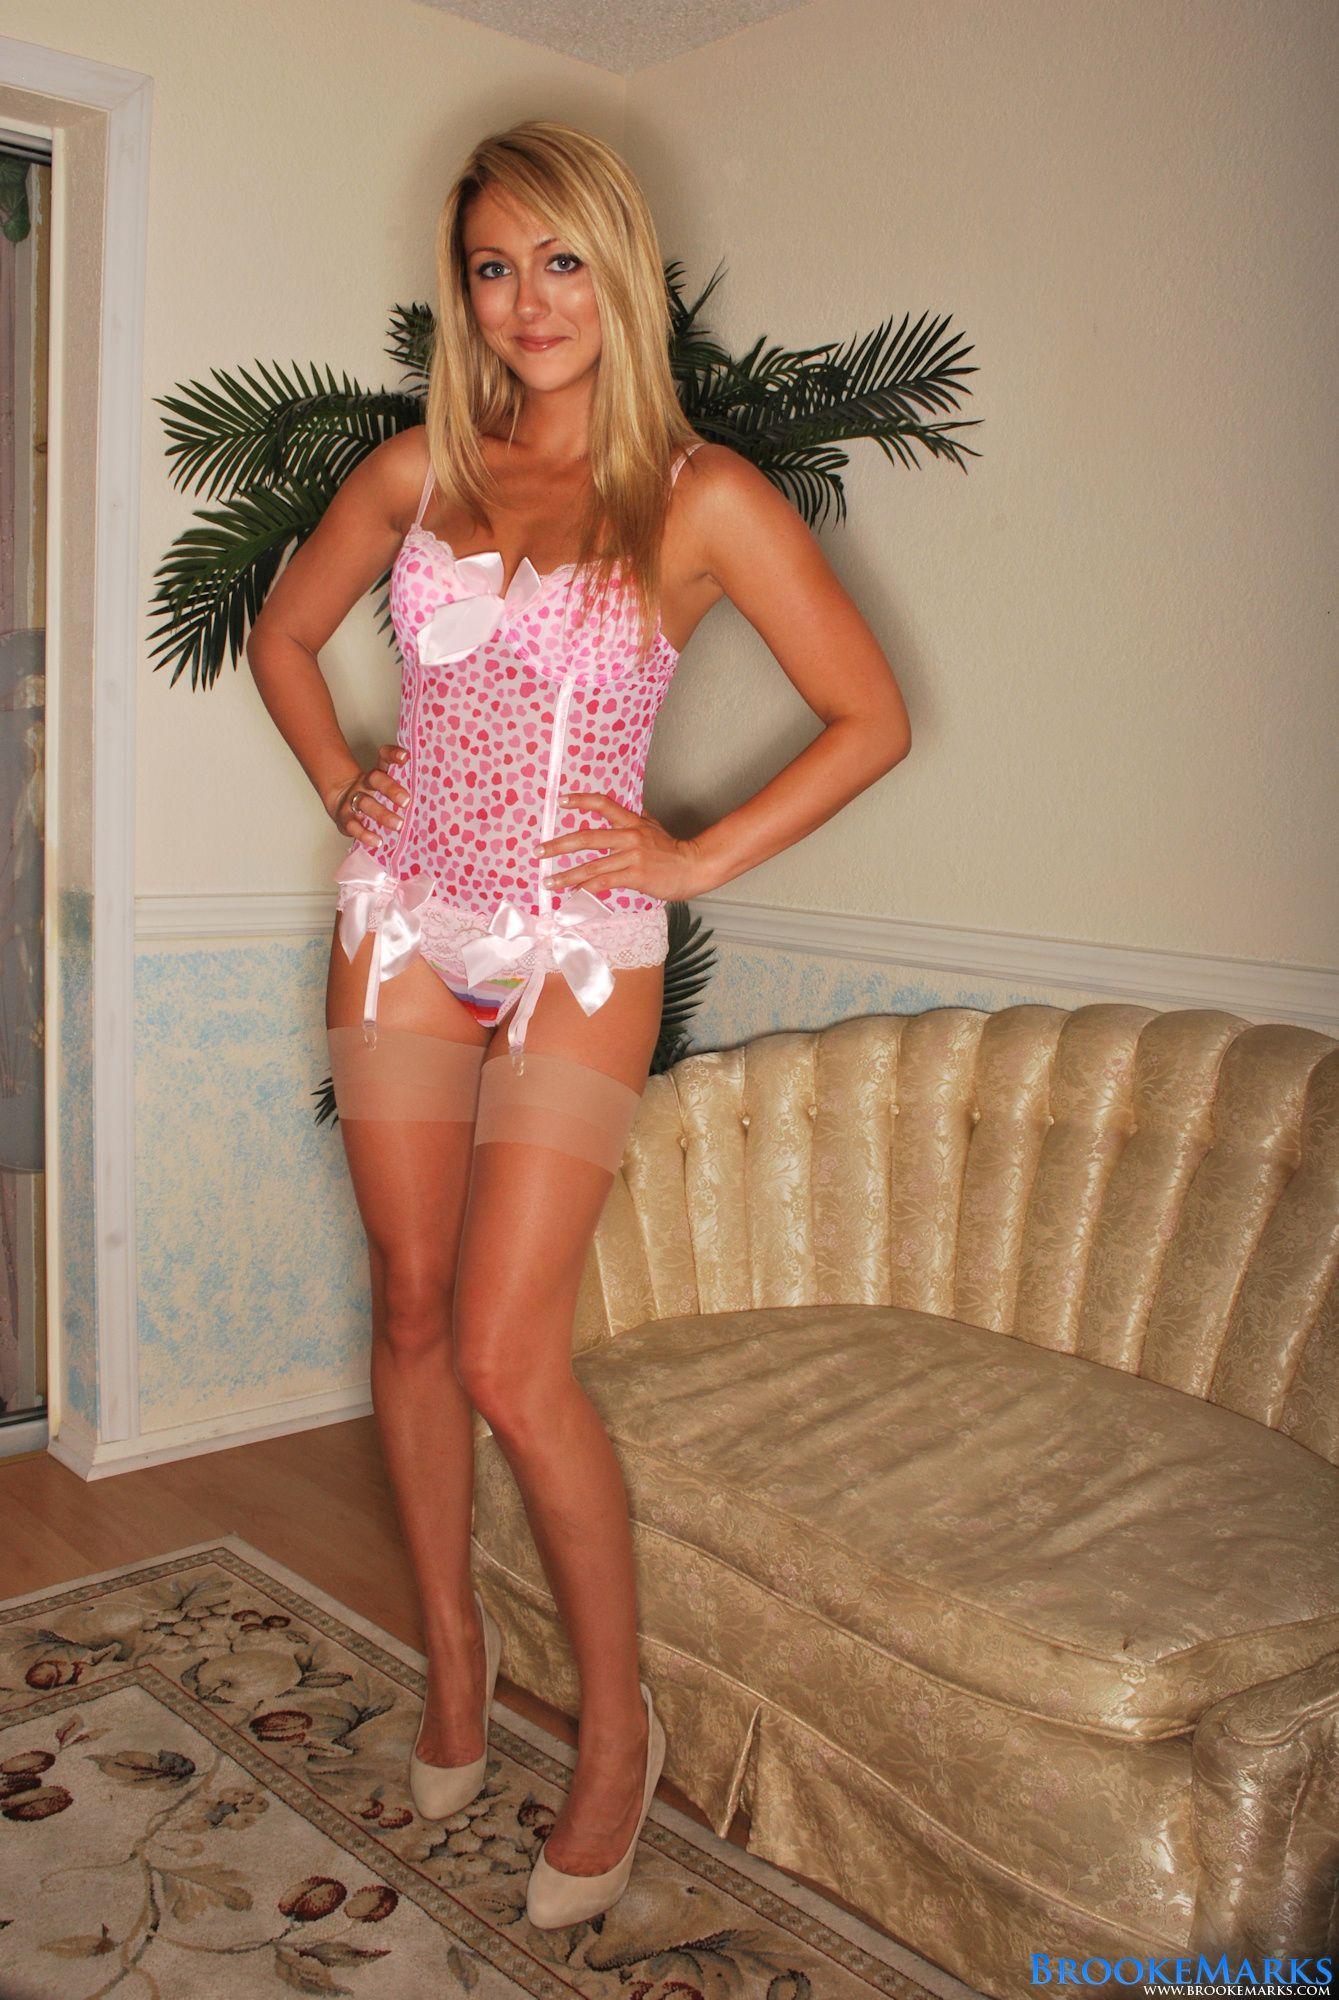 Blonde hottie standing in her sexy love heart lingerie